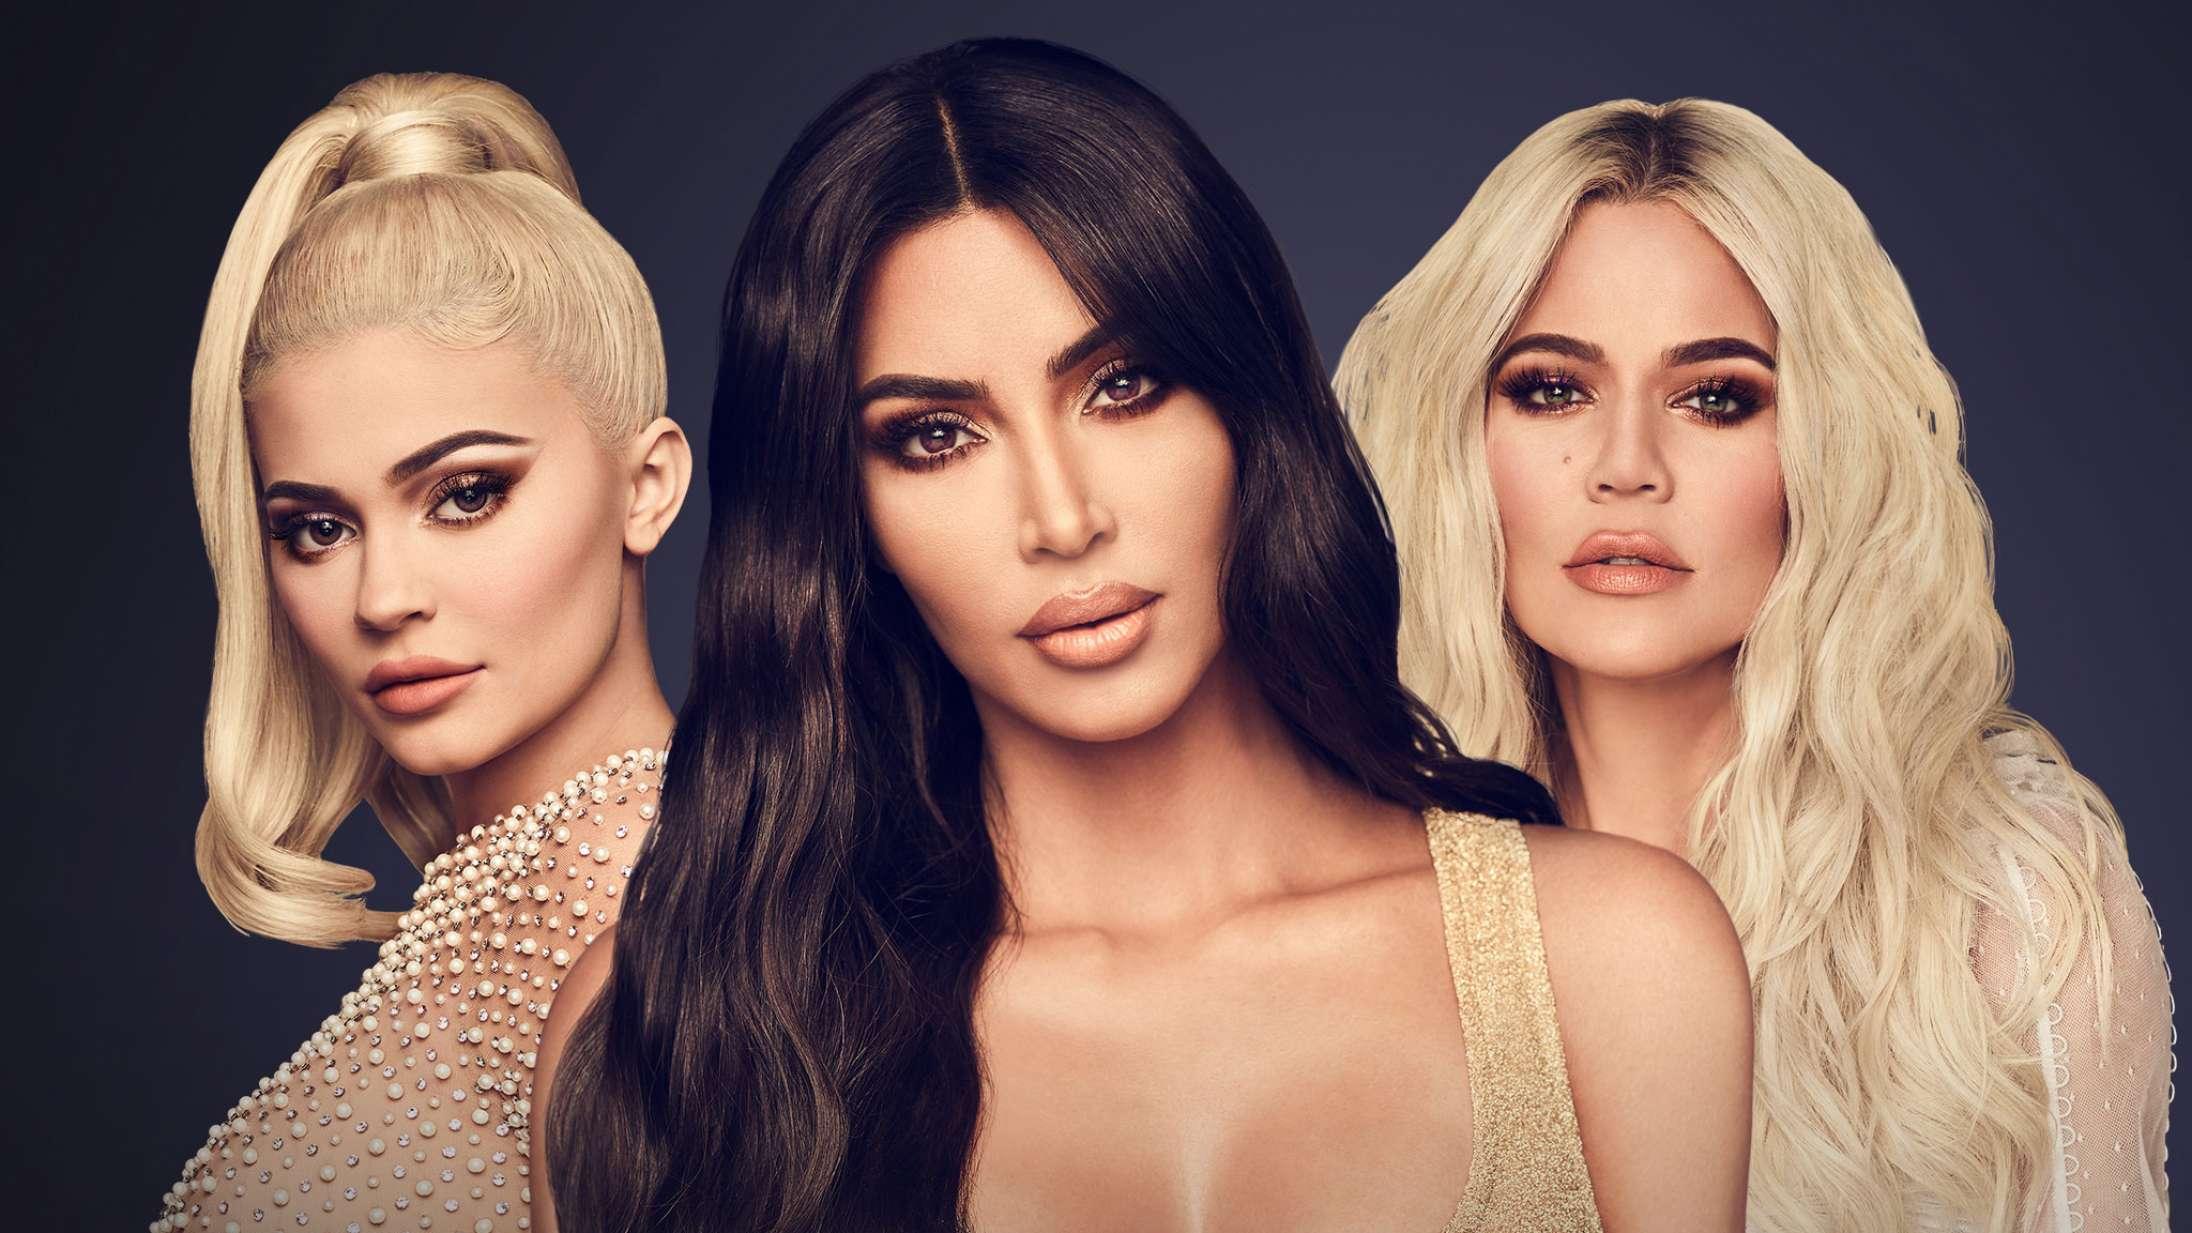 Efter 14 år siger 'Keeping Up with the Kardashians' farvel – men fremtiden er allerede sikret